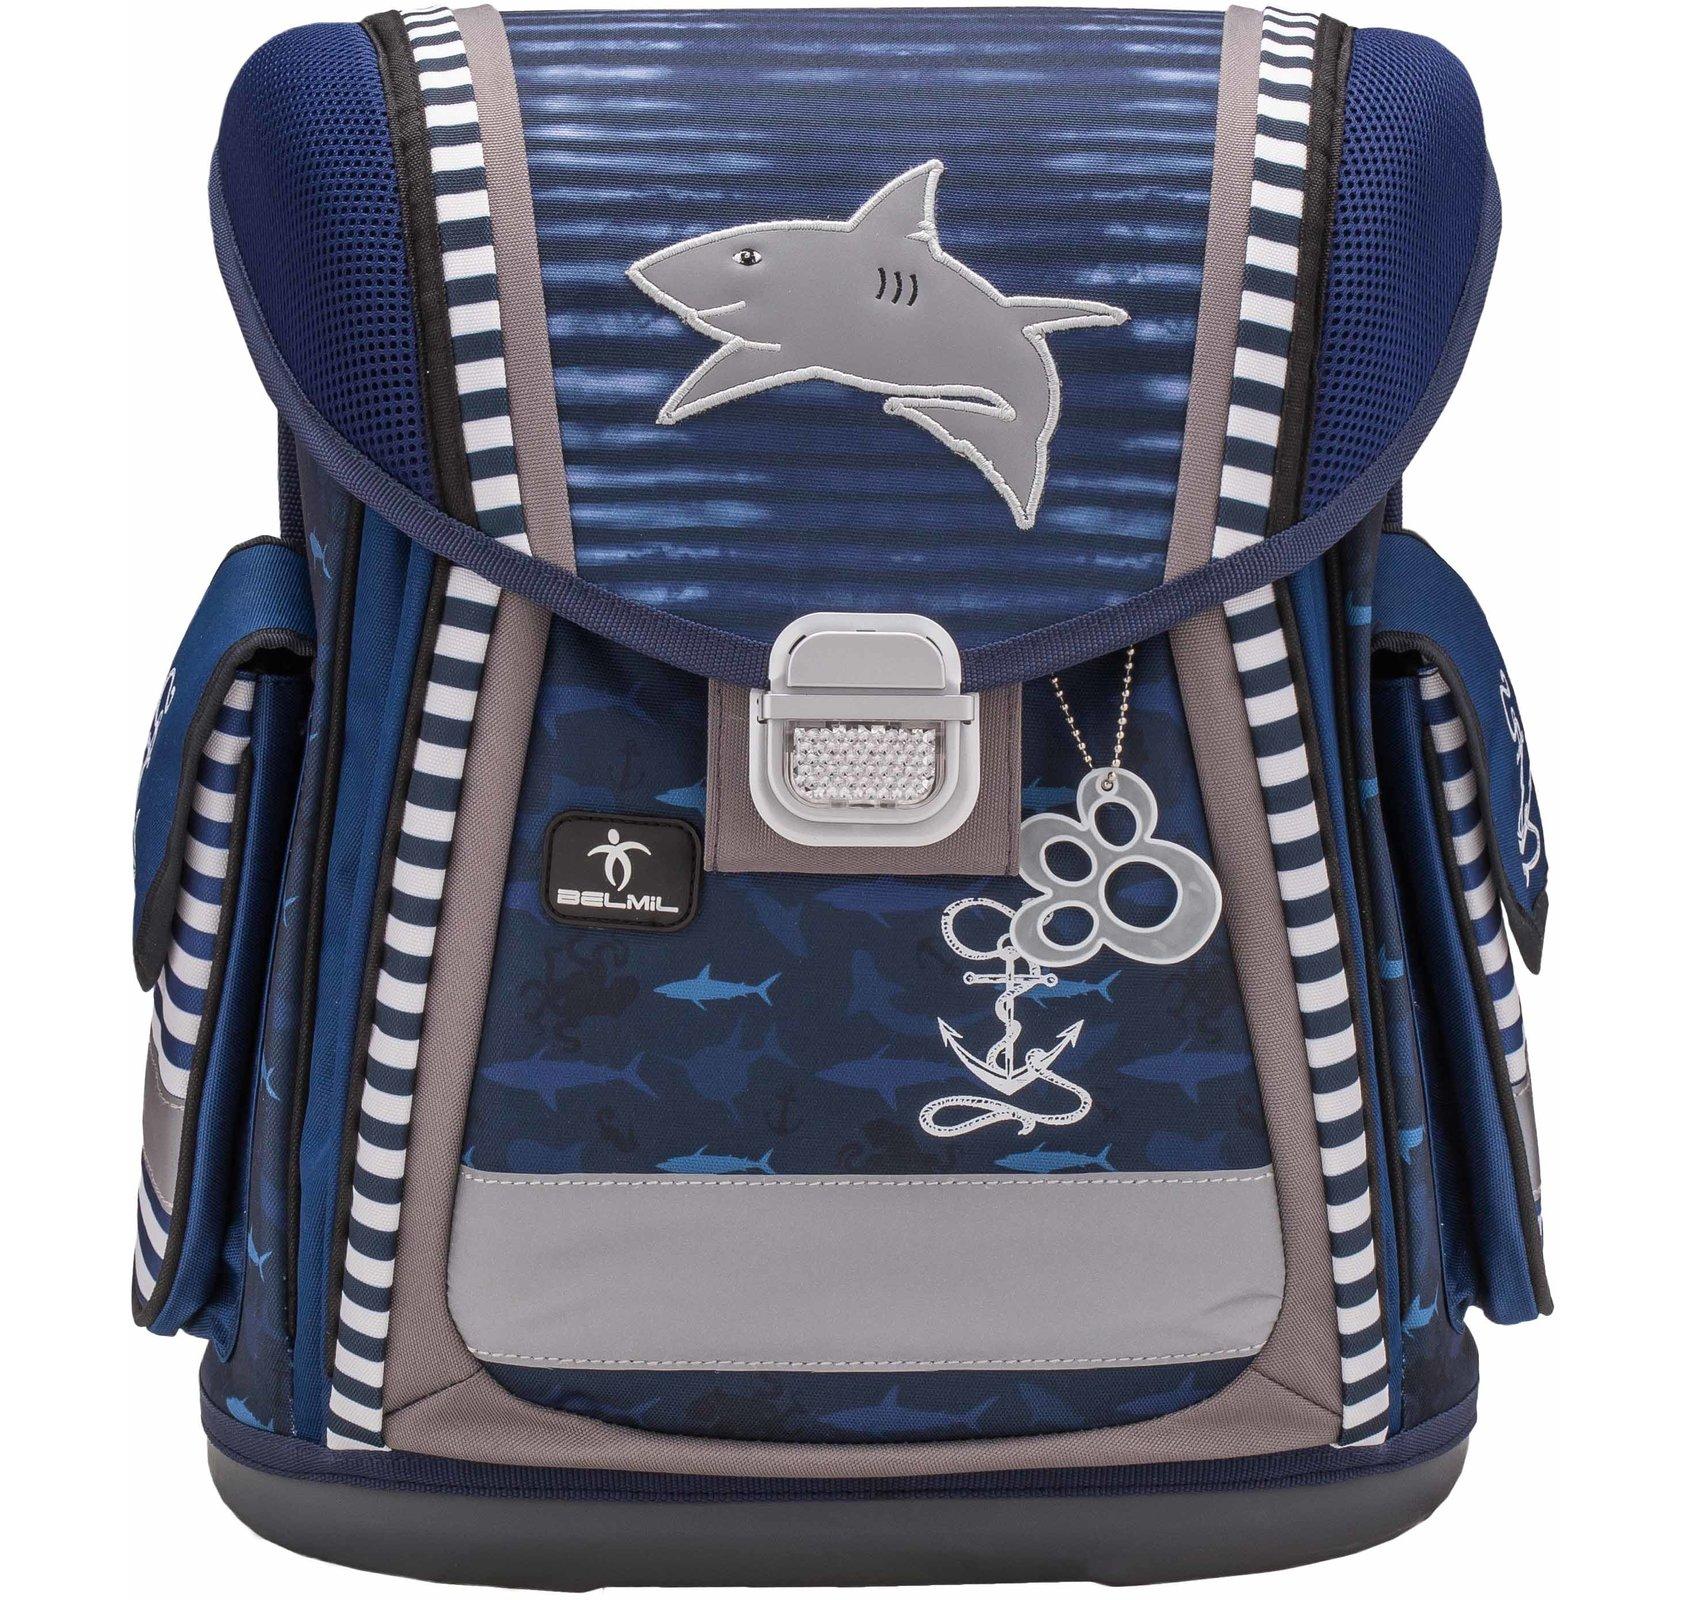 Ранец Belmil Акула 404 5 Sea Life + мешок, - фото 3